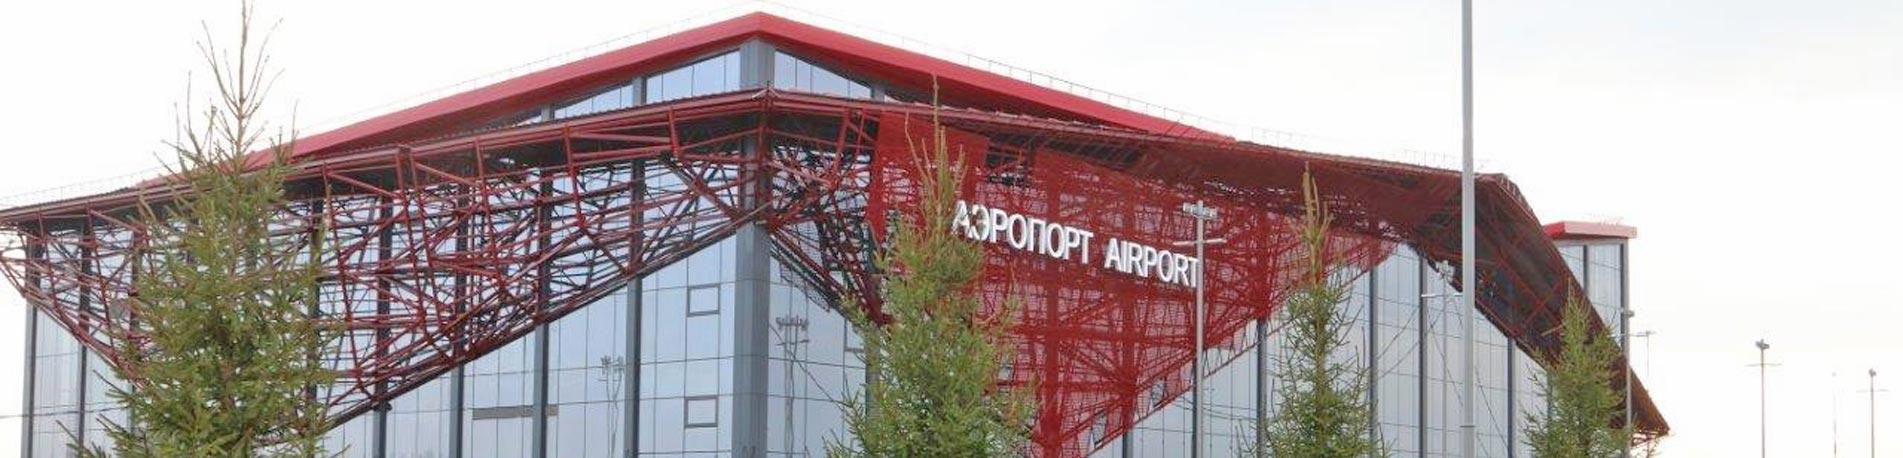 Найти авиабилеты из Саранска